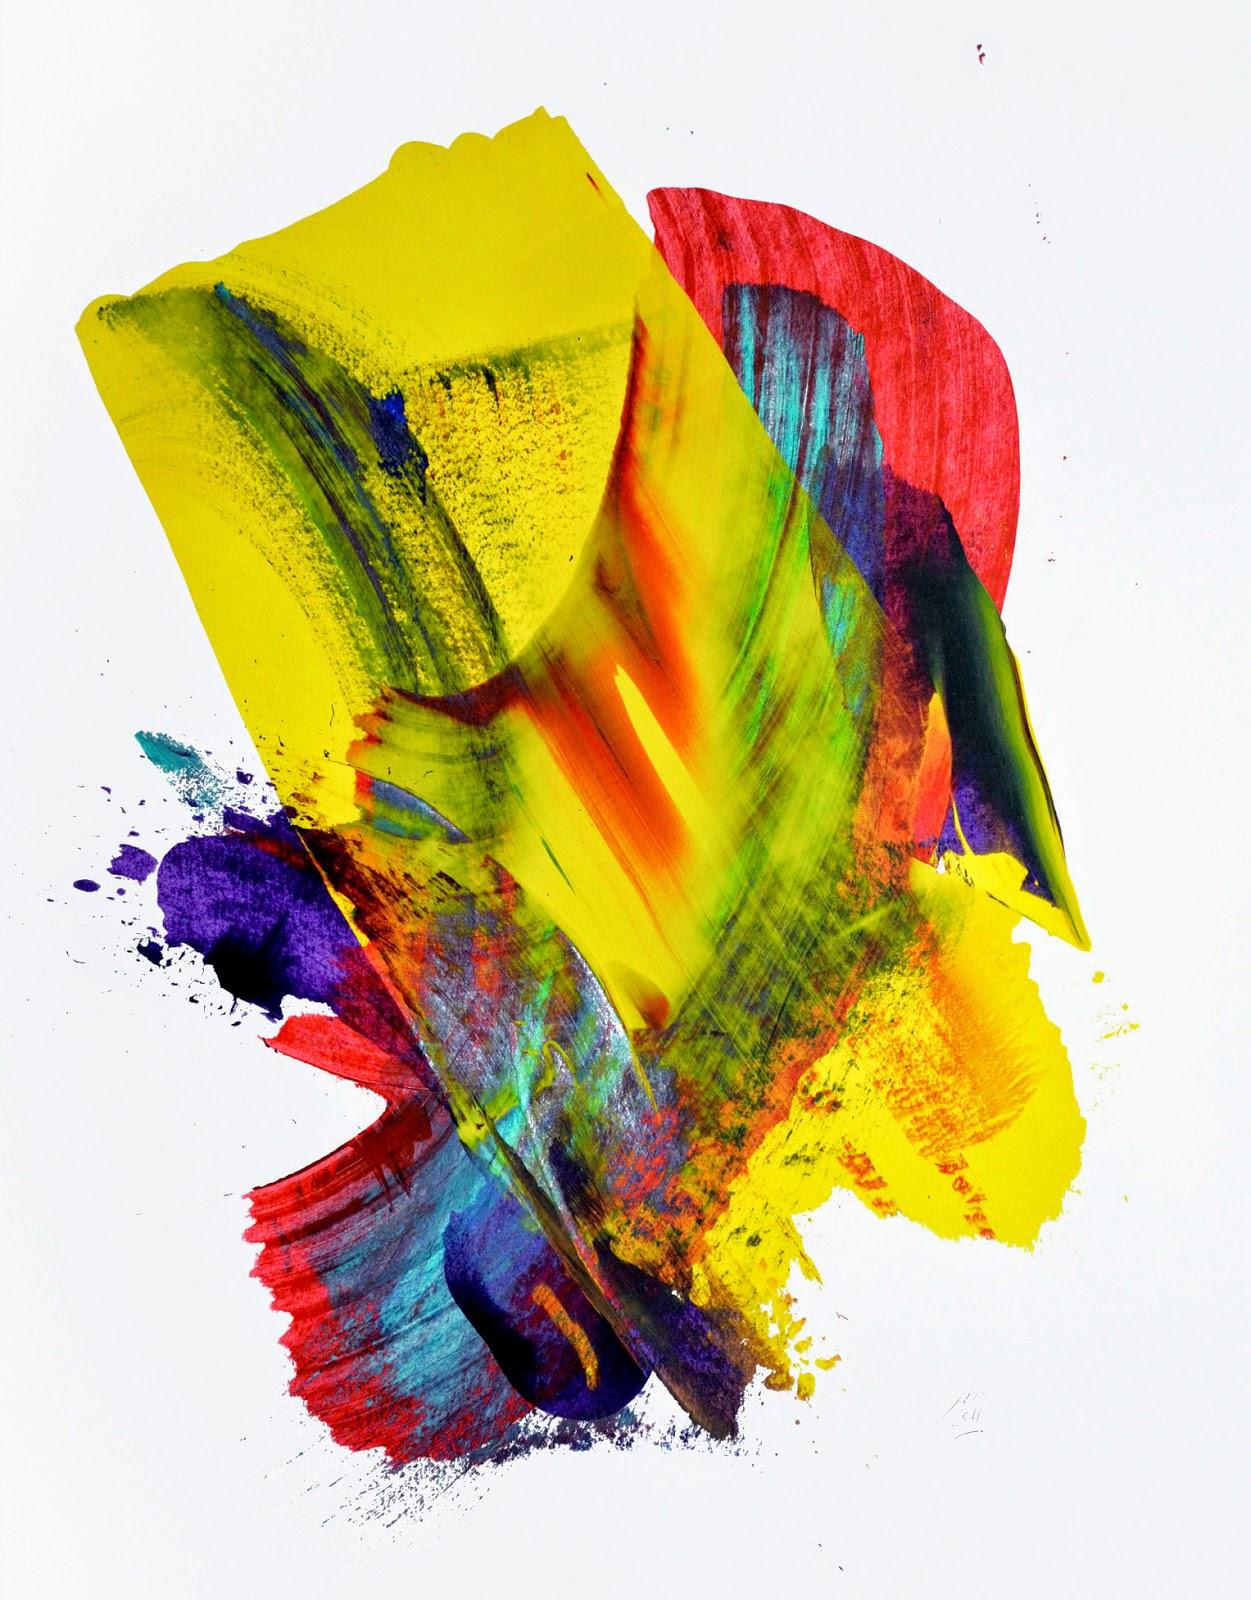 jean baptiste besançon artiste peintre abstraction peinture acrylique bordeaux